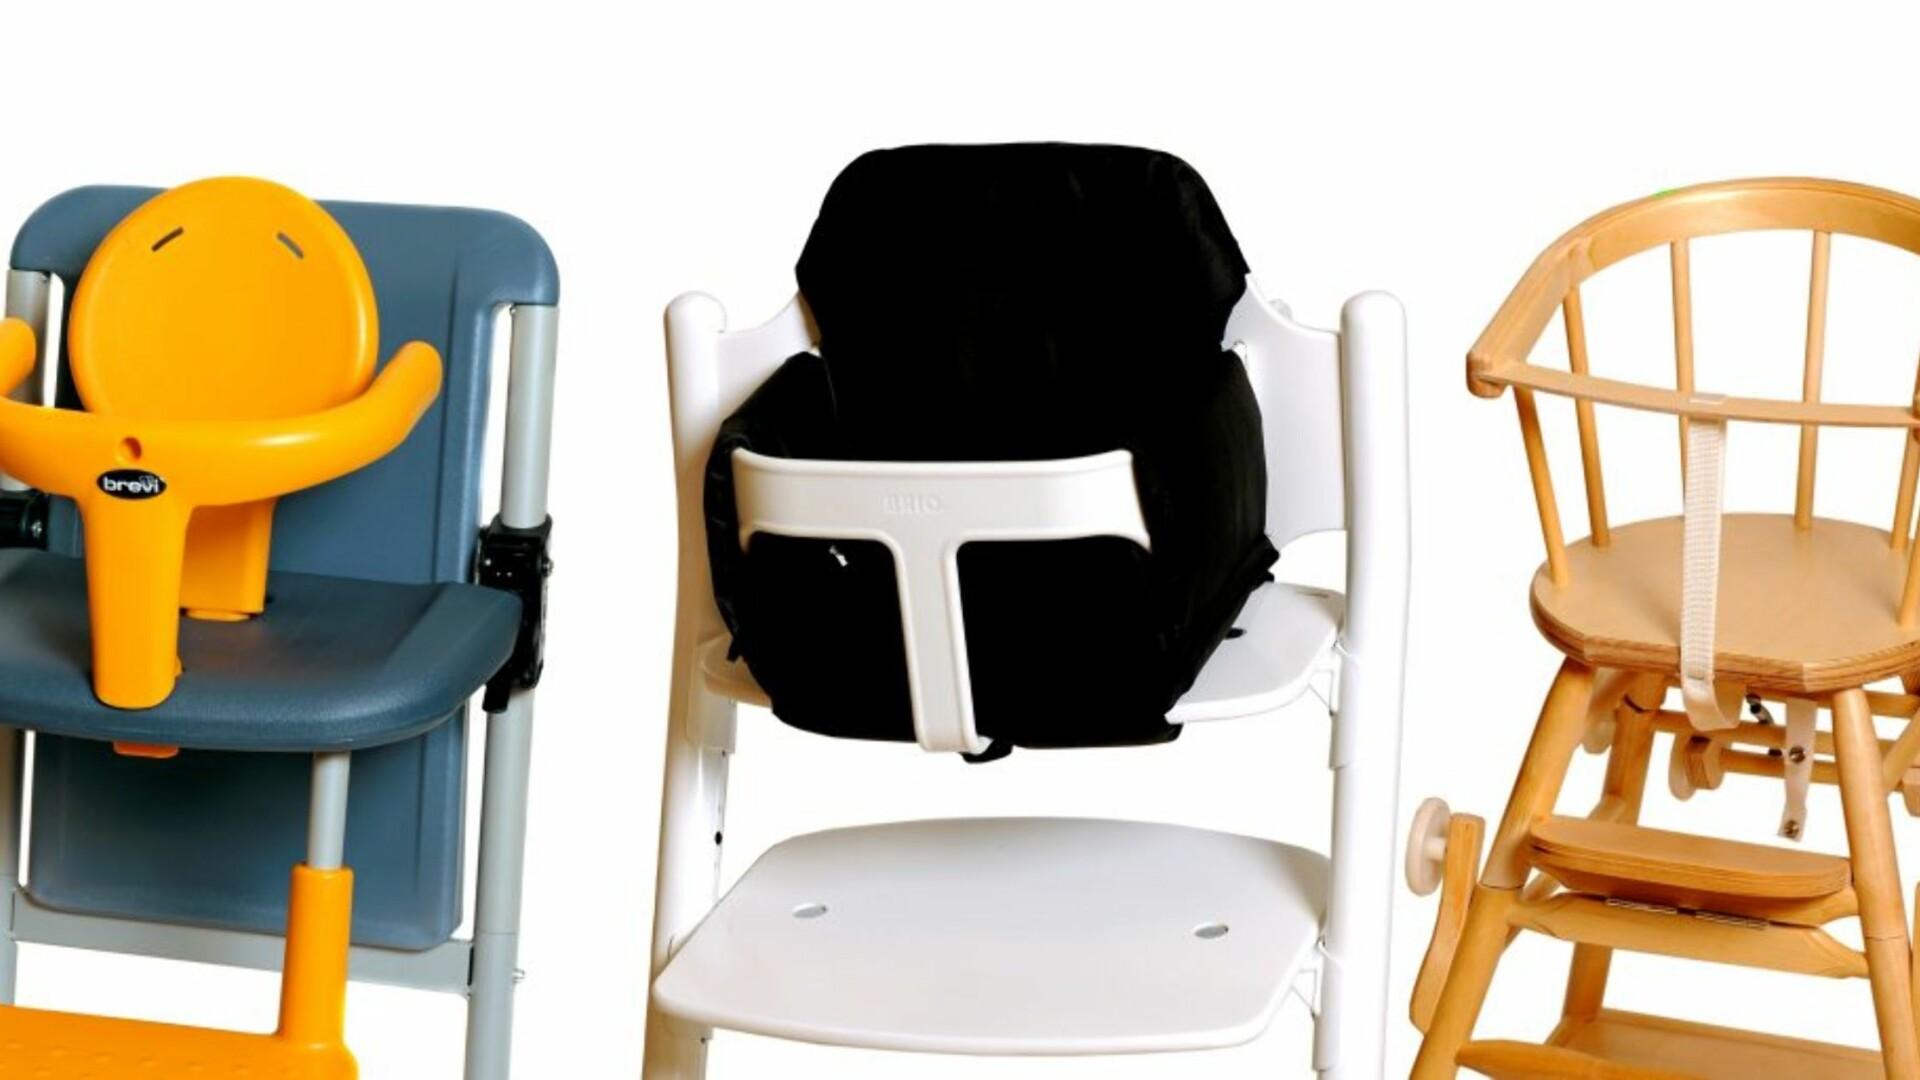 d227a126 Test av barnestoler - Bolig